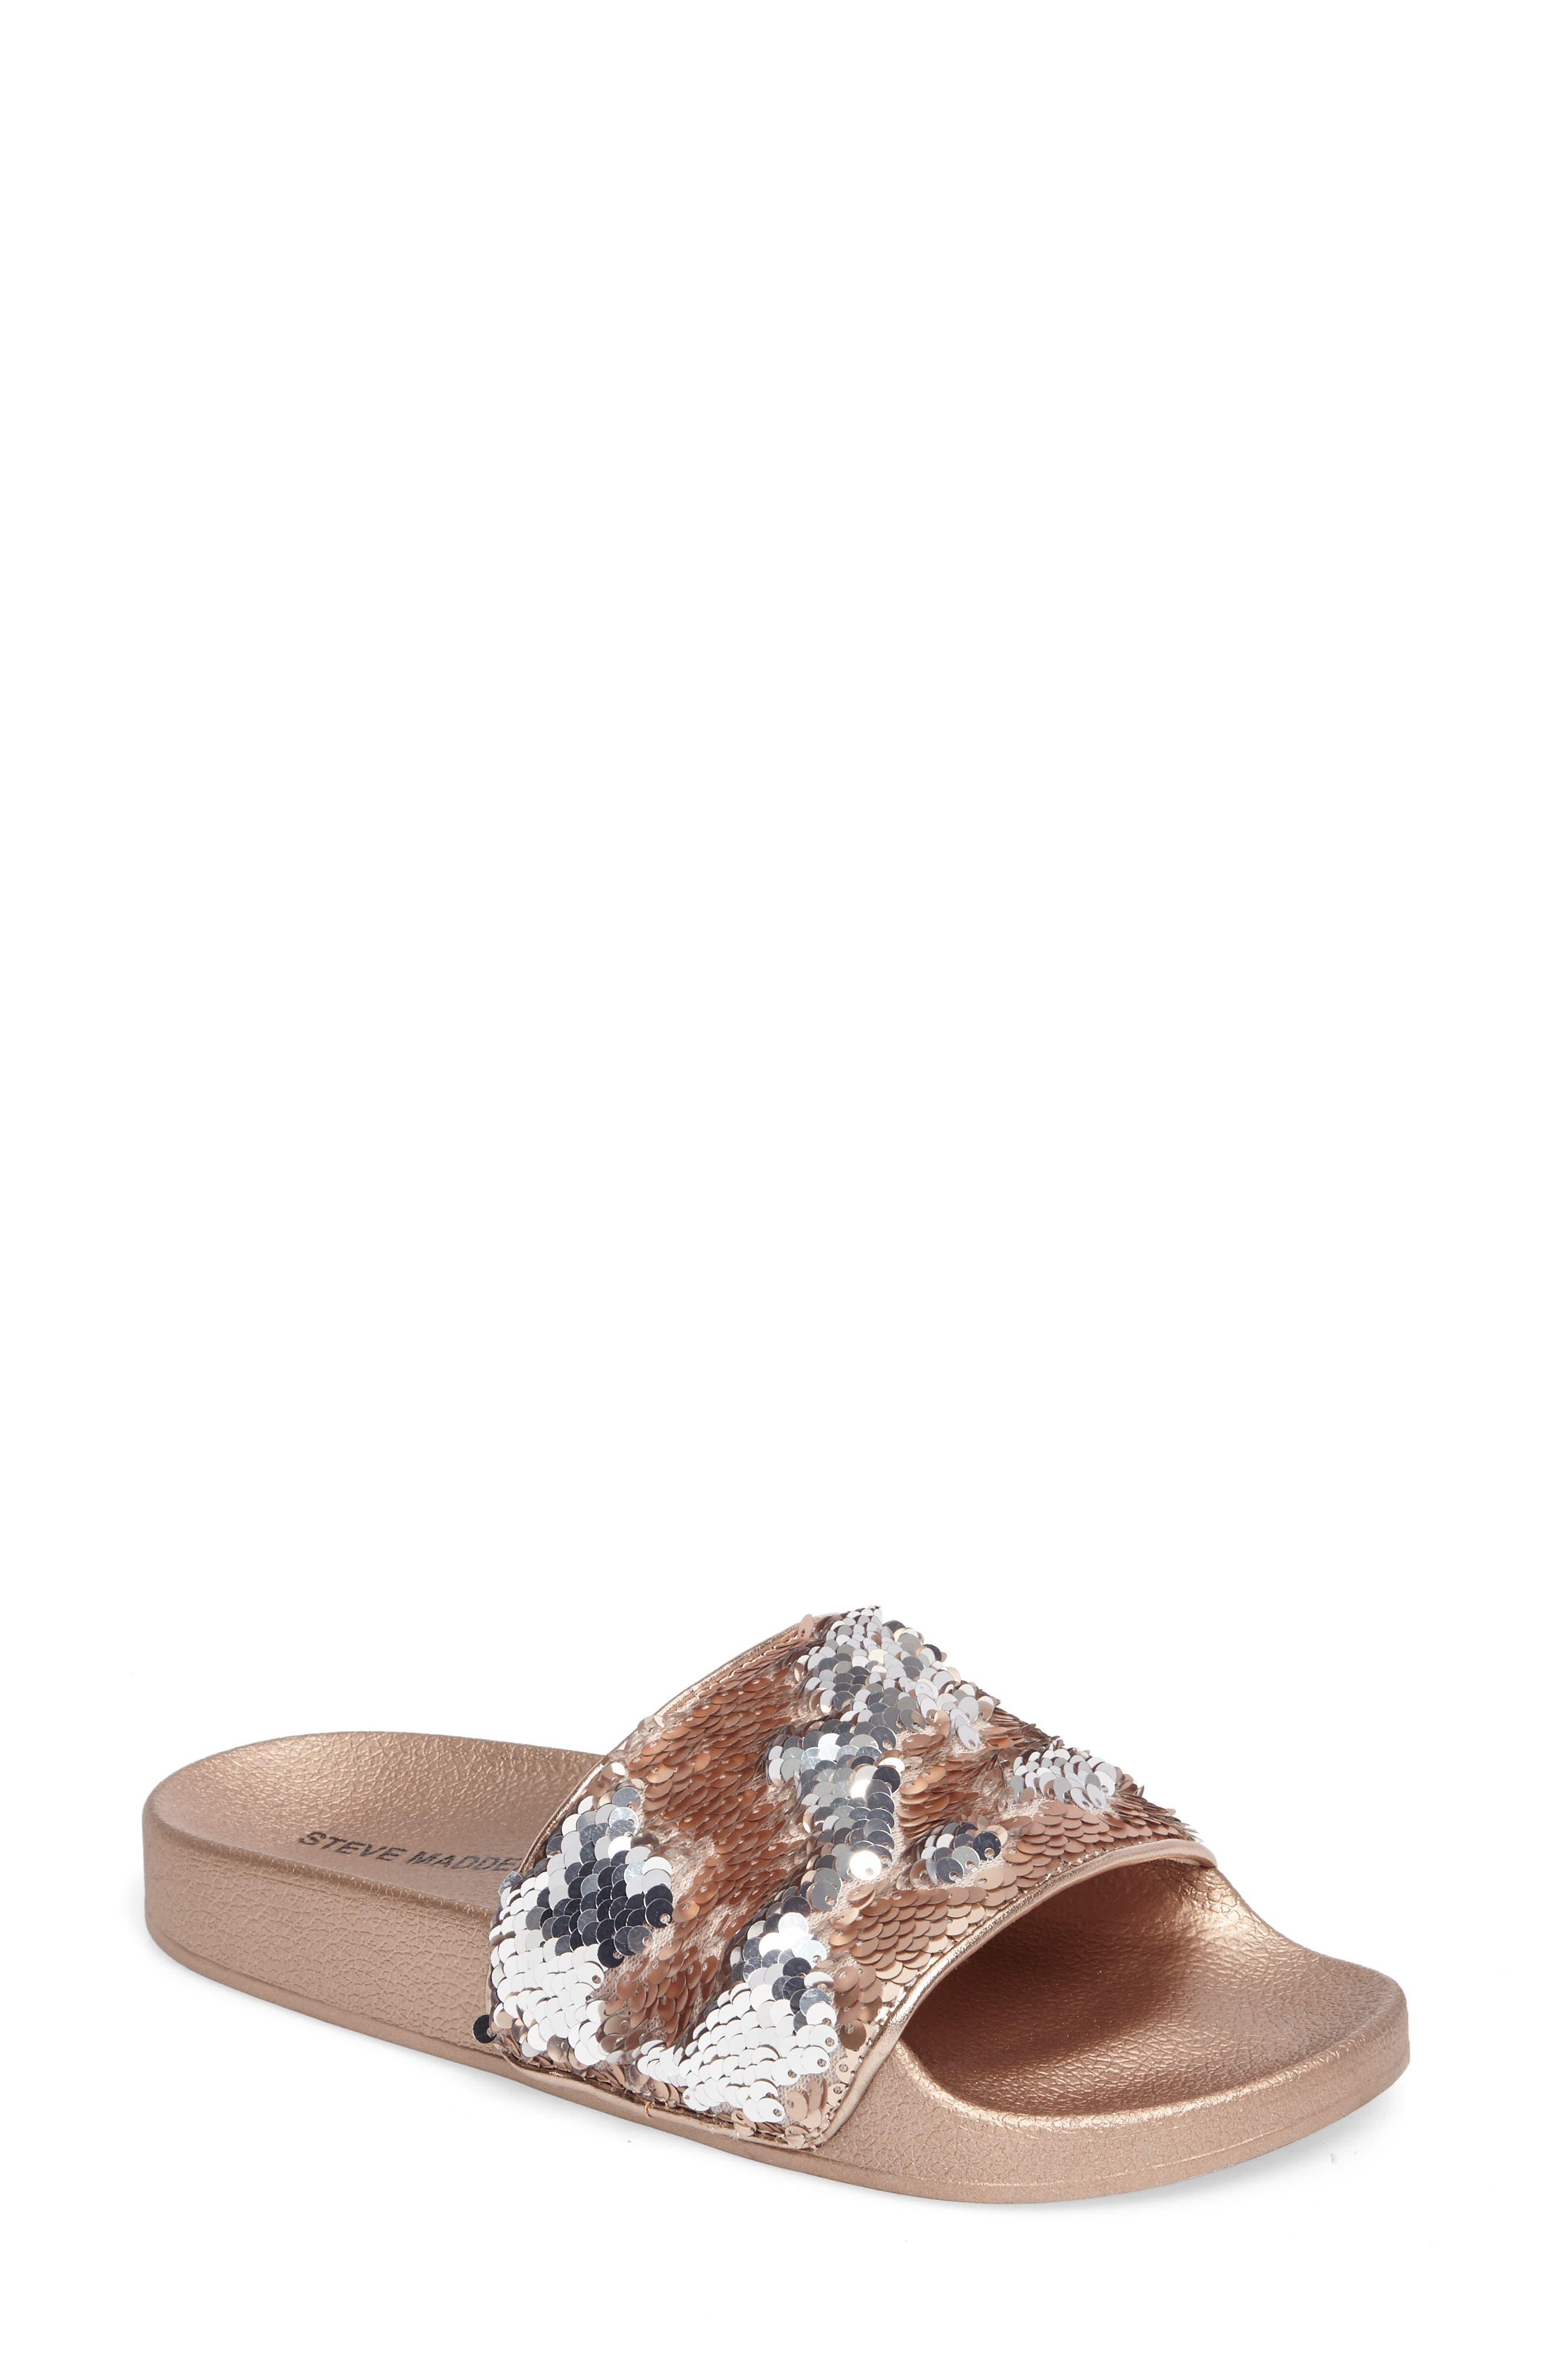 Softey Sequin Slide Sandal,                         Main,                         color, 686